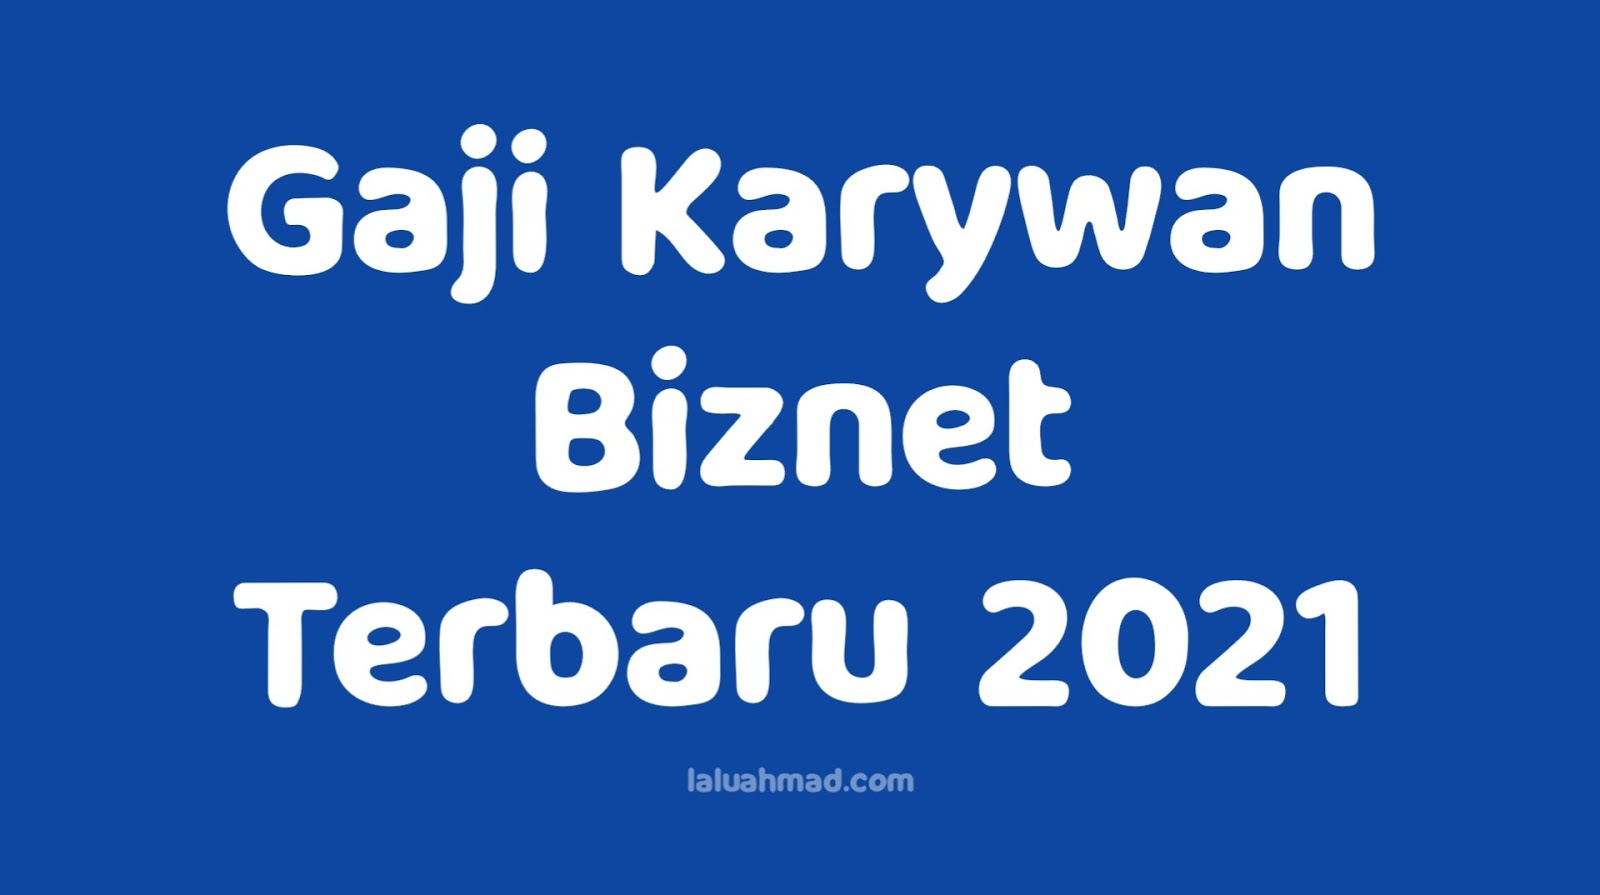 Gaji Karywan Biznet Terbaru 2021